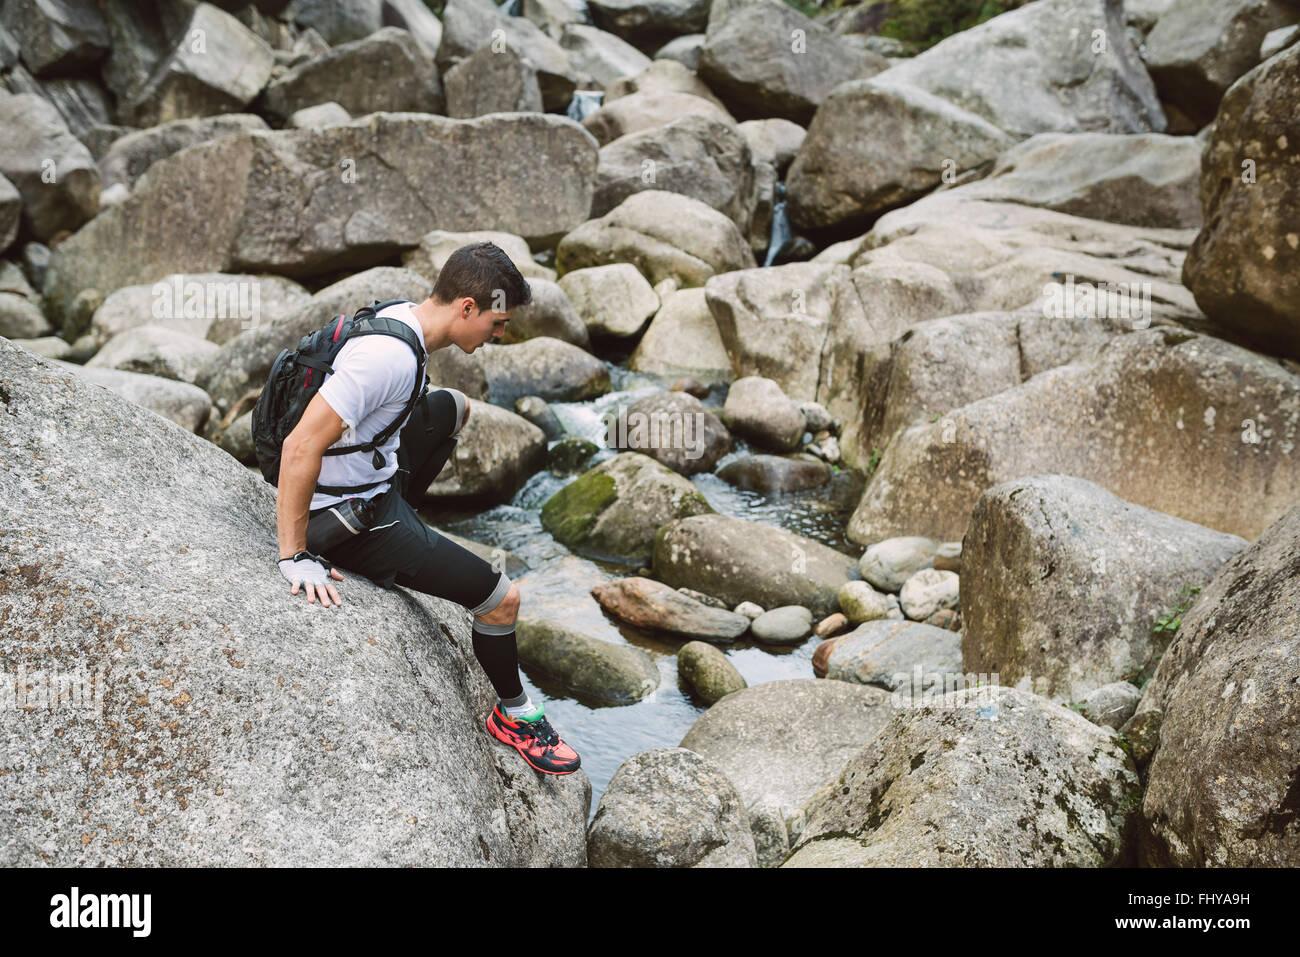 La Spagna, A Capela, ultra trail runner arrampicata su una roccia Immagini Stock